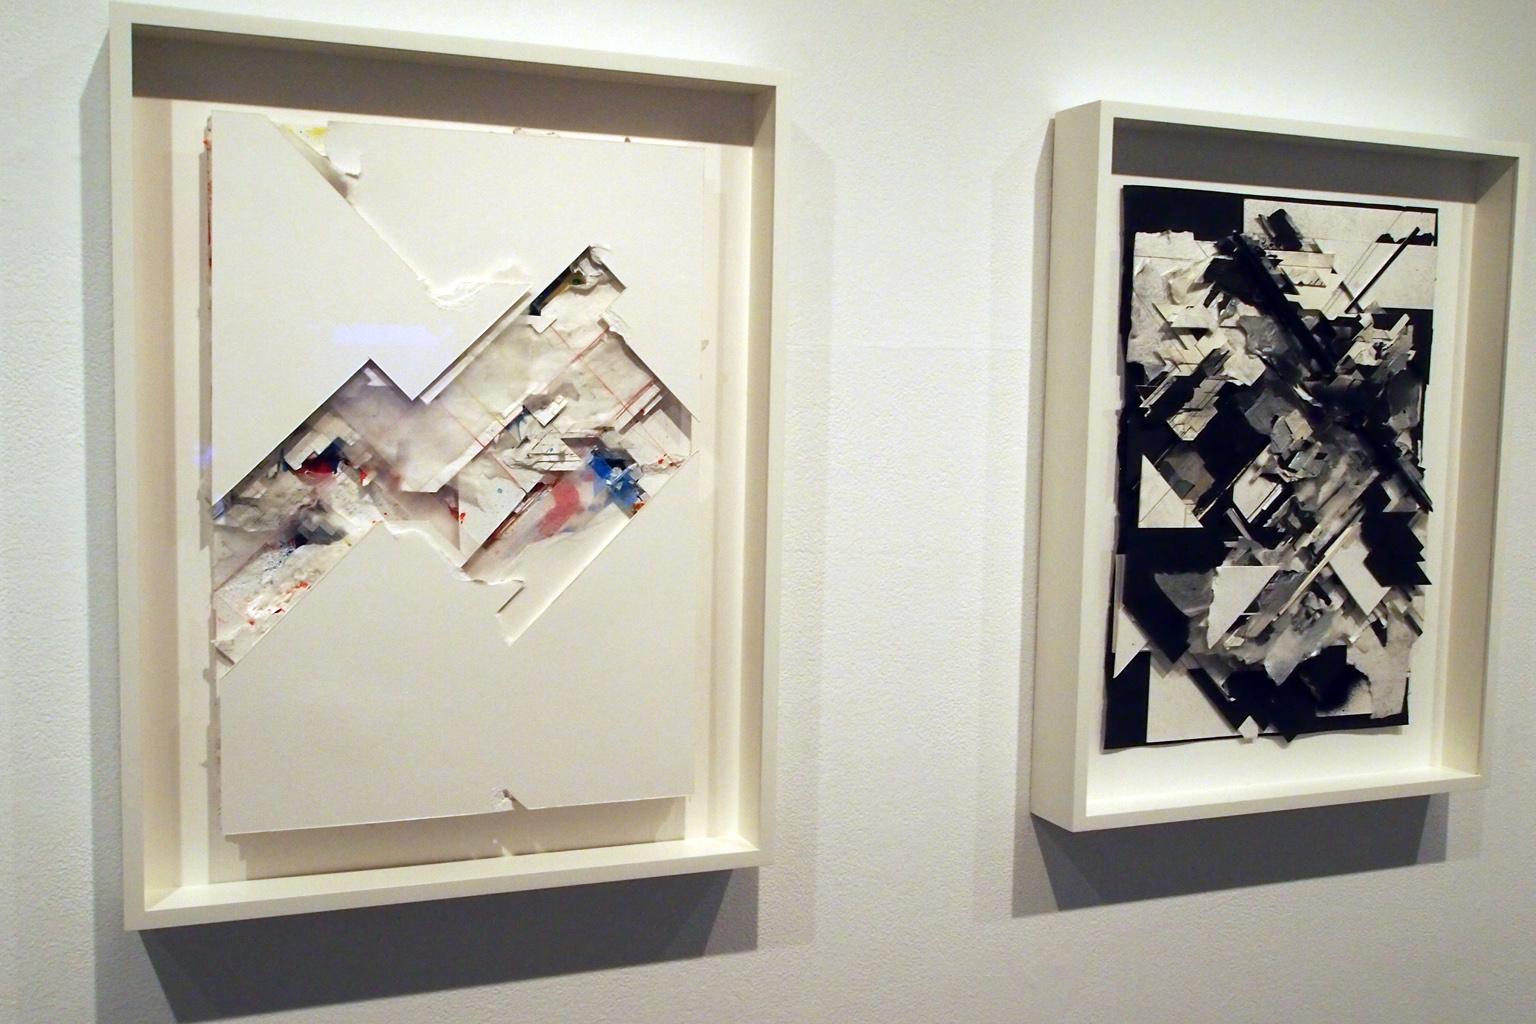 boris-delta-tellegen-overburden-new-show-at-common-gallery